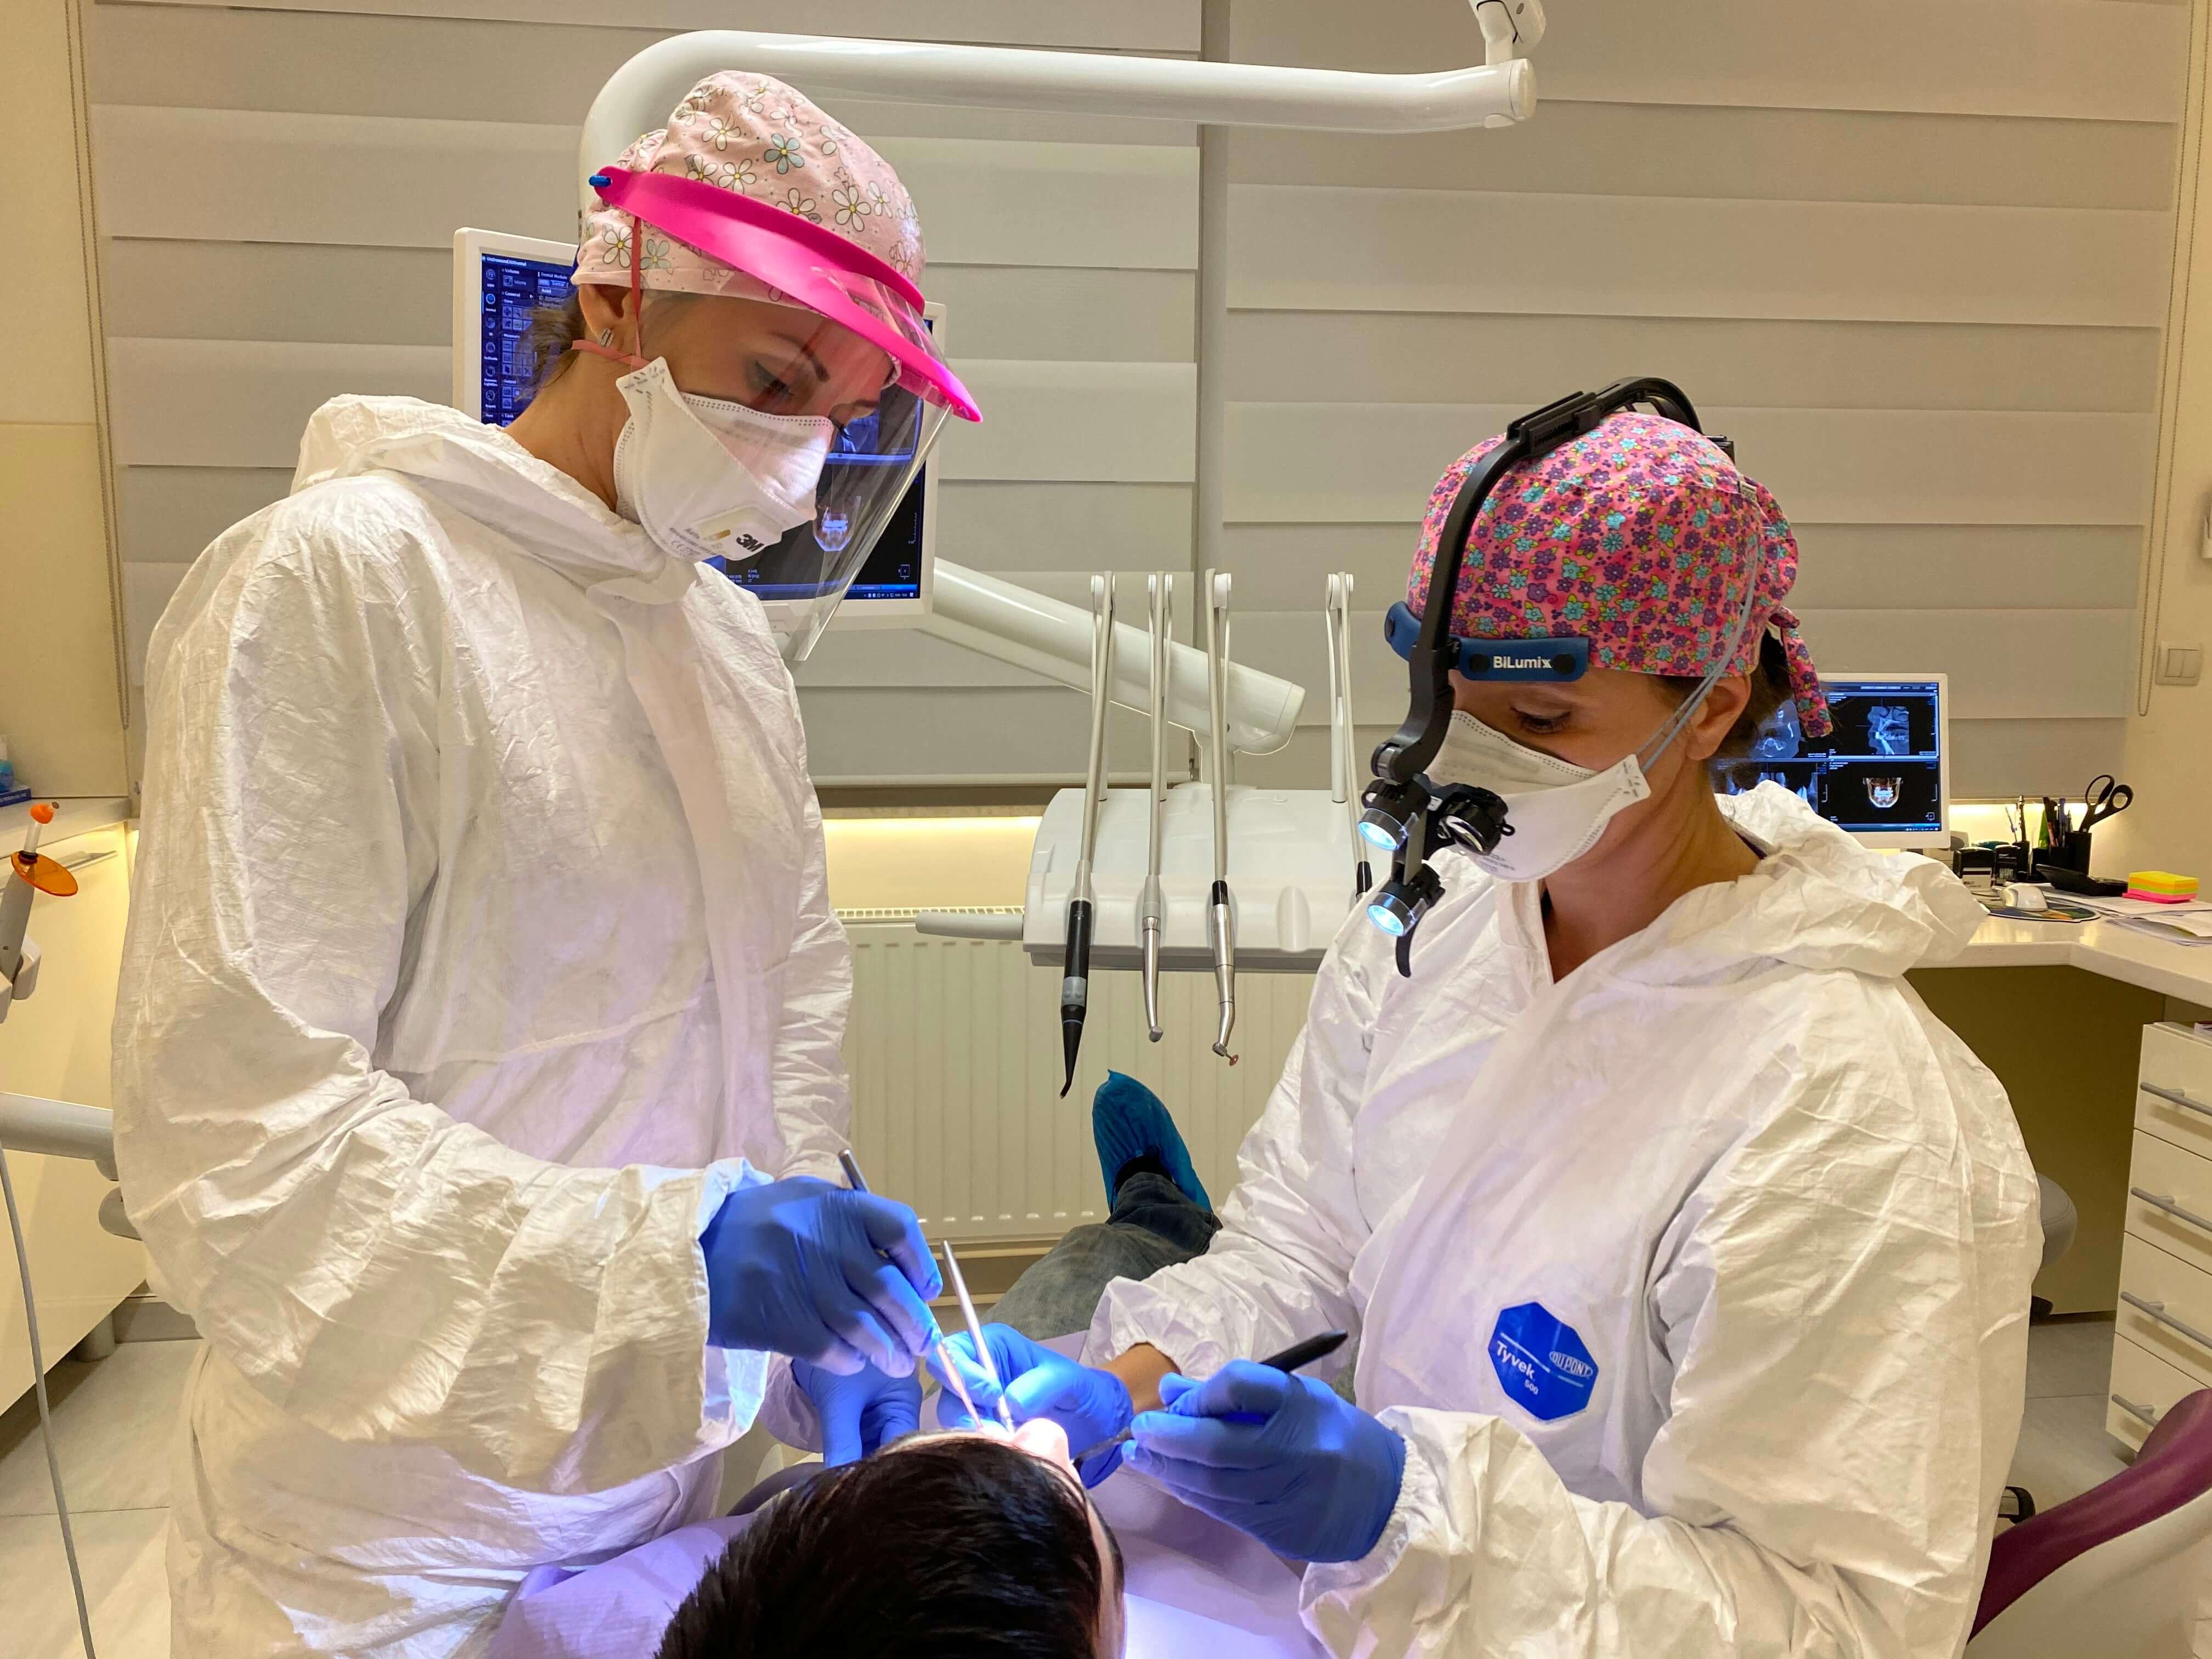 főkép - implantátum